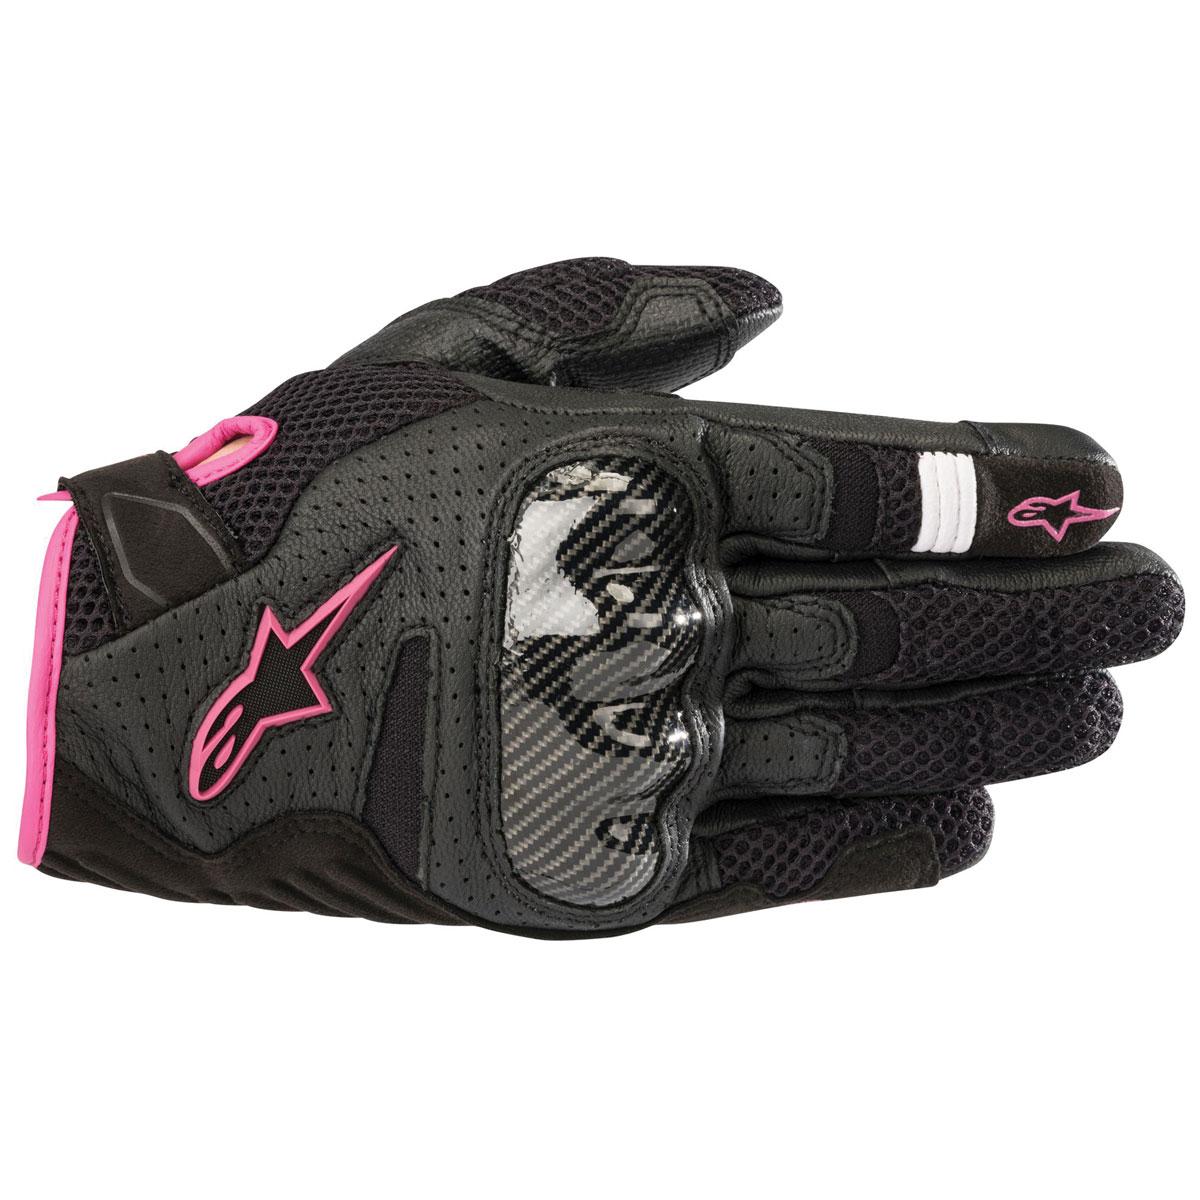 Alpinestars Women's Stella SMX-1 v2 Black/Fuchsia Gloves